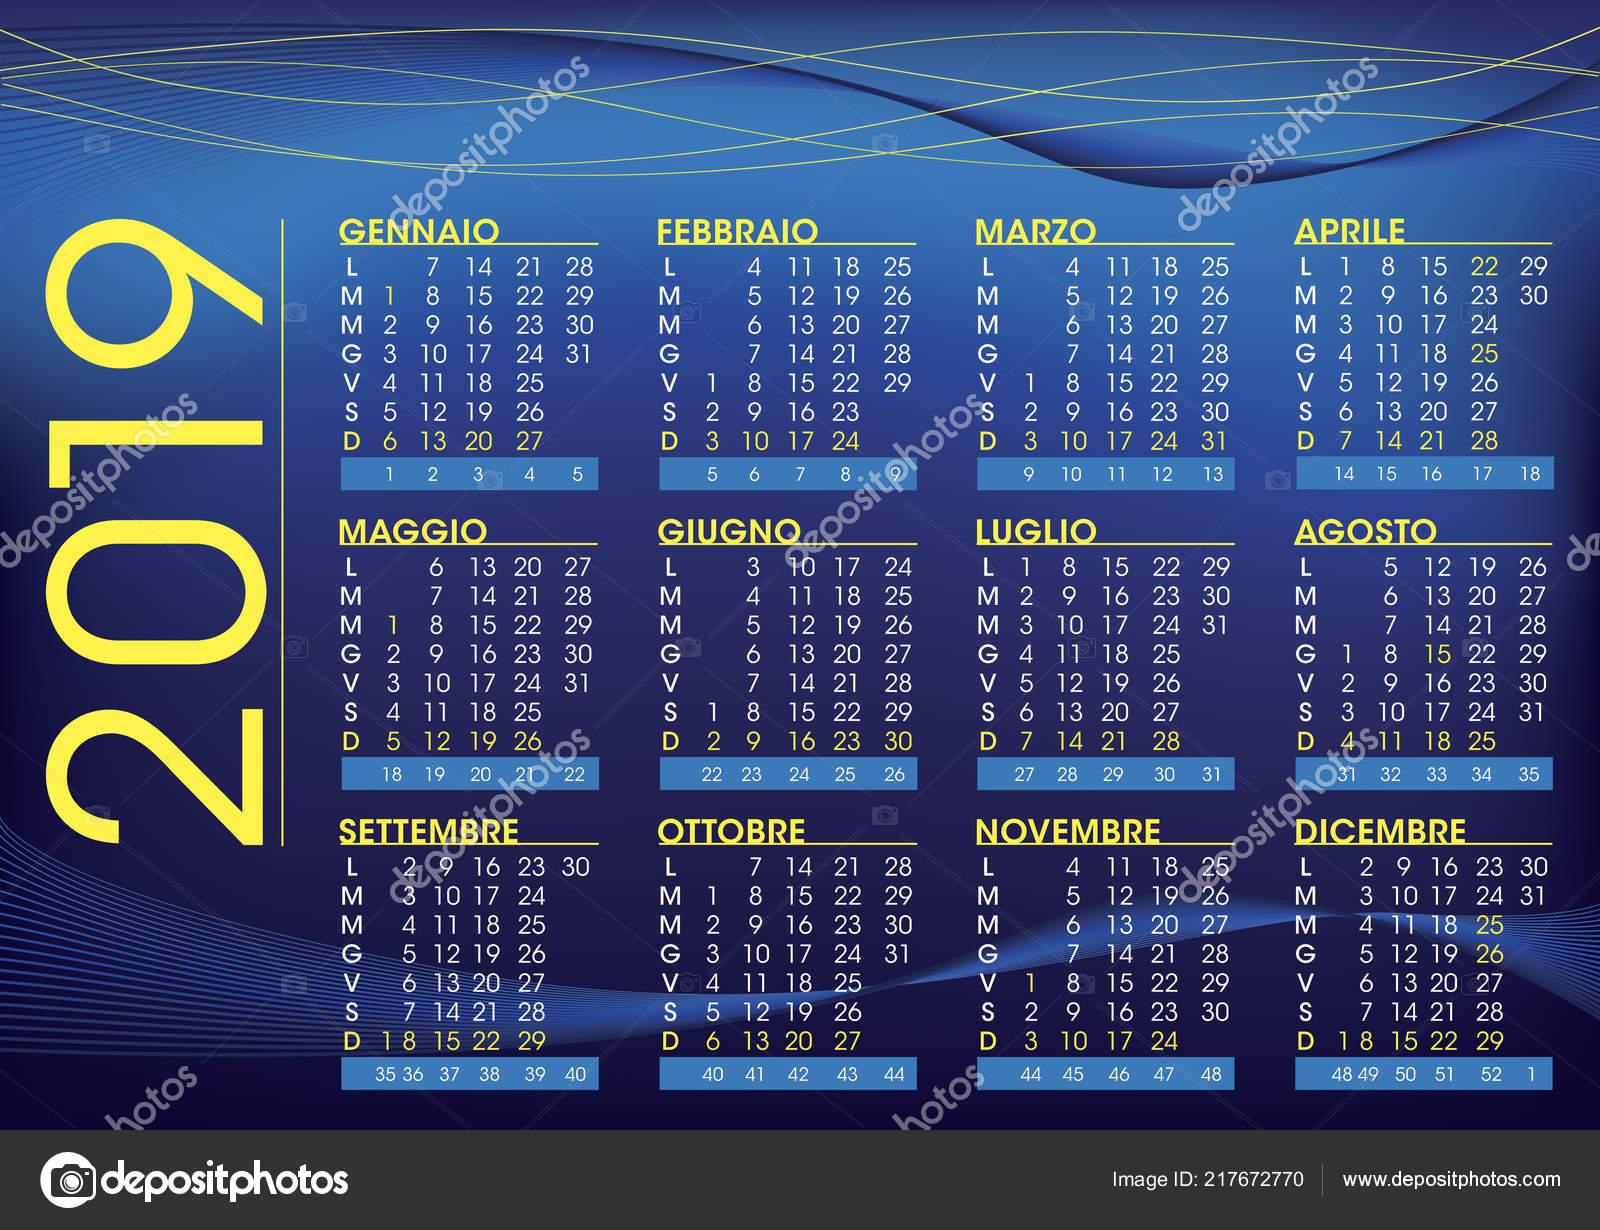 Новый 2019 год в италии - КалендарьГода картинки